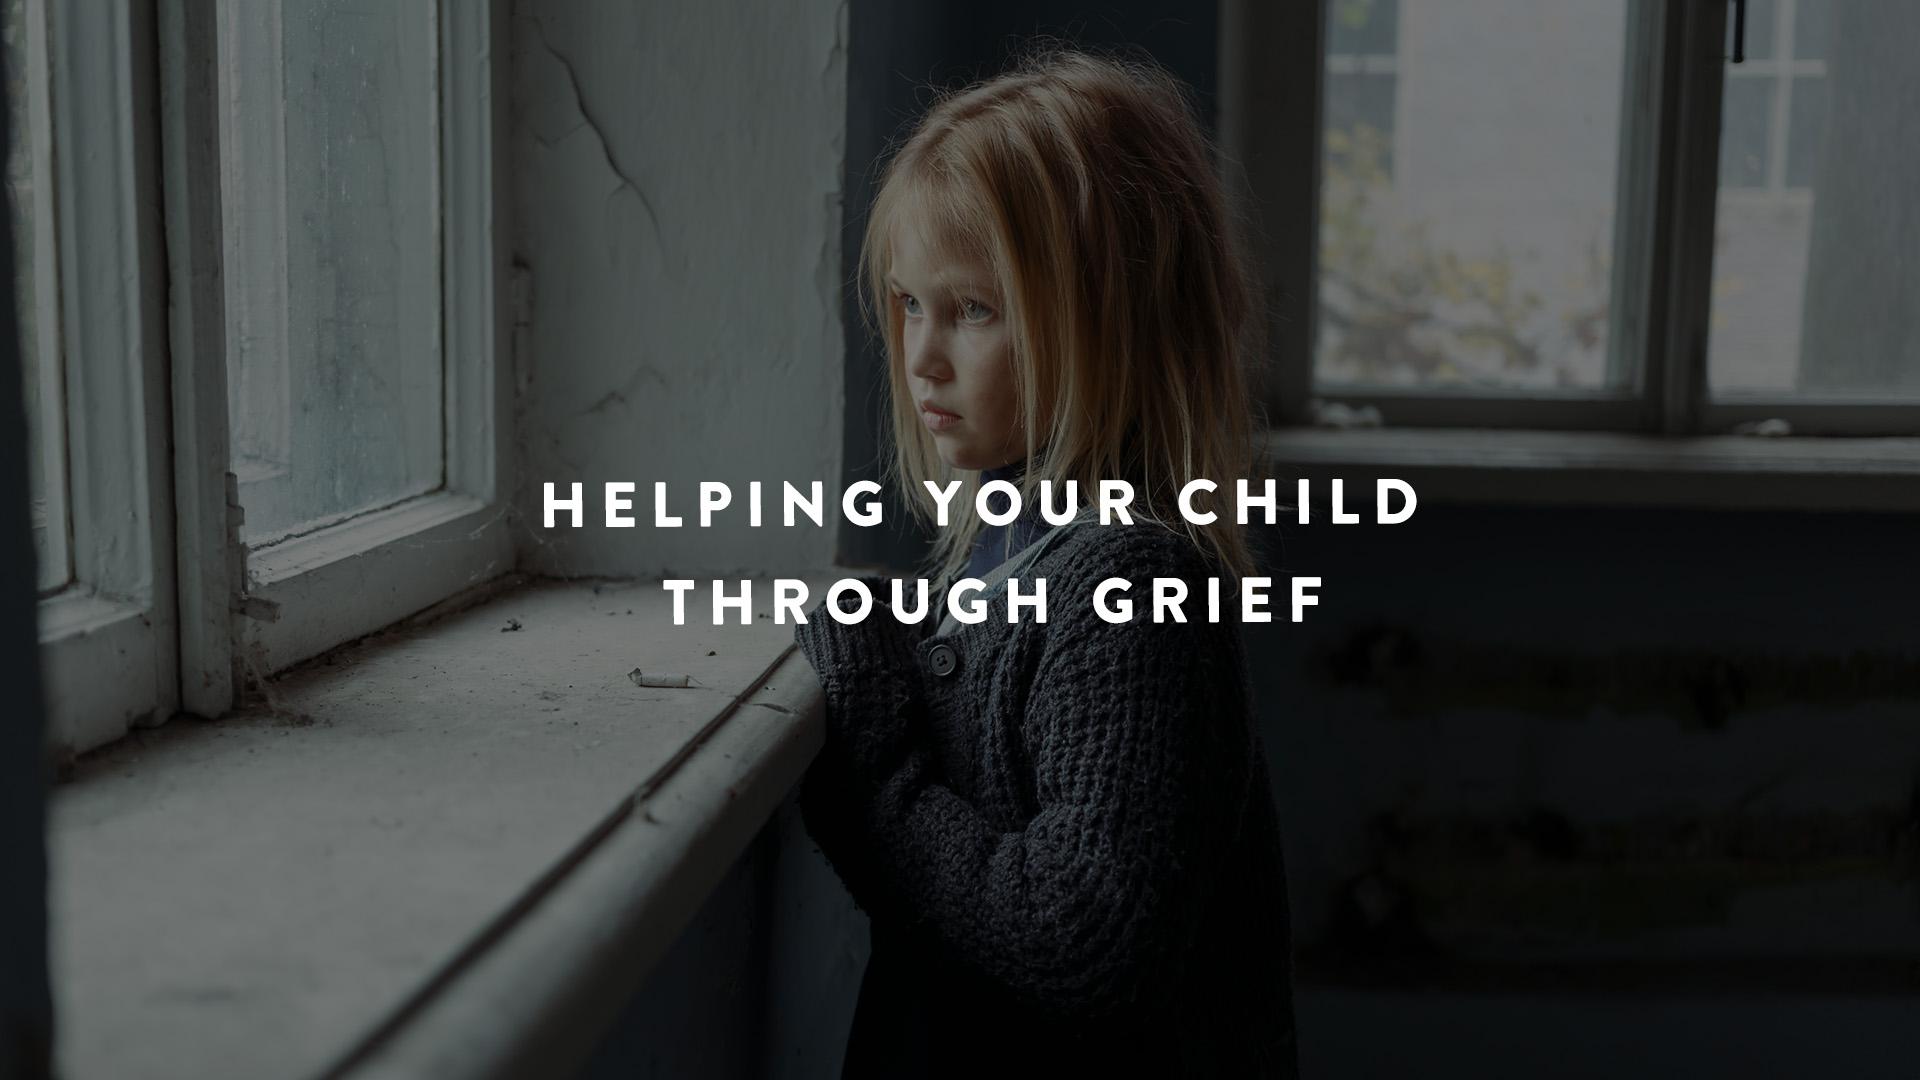 Helping child through grief